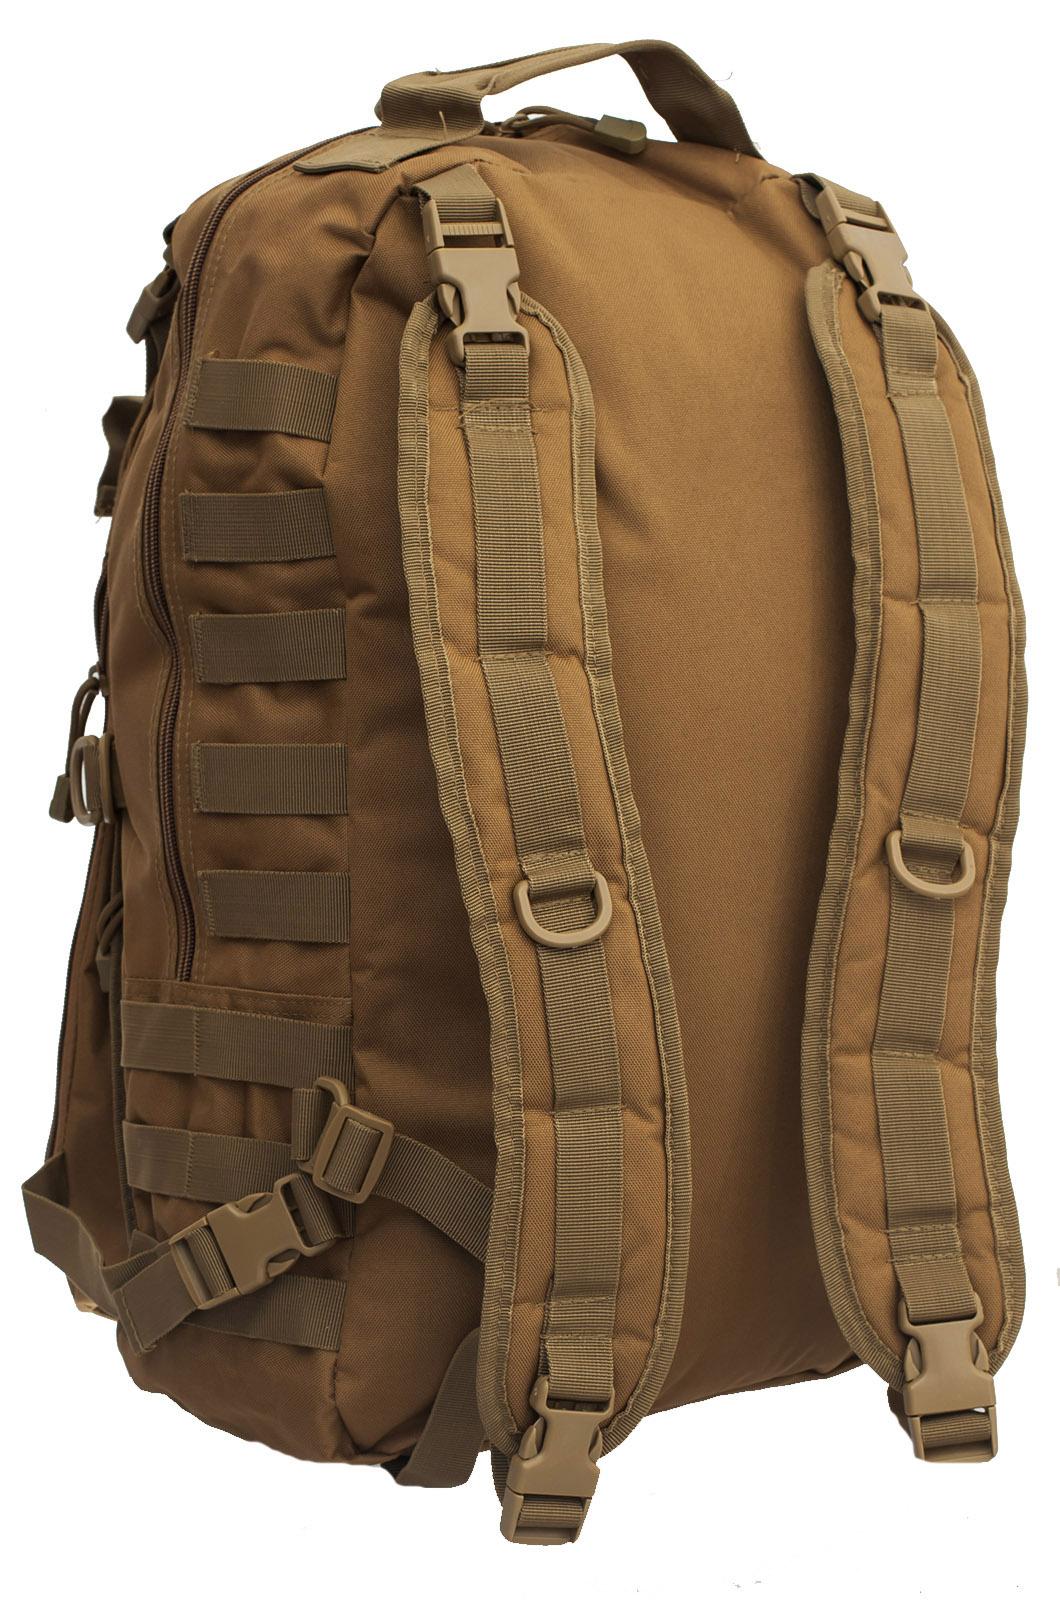 Эргономичный рейдовый рюкзак с нашивкой Танковые Войска - купить в подарок